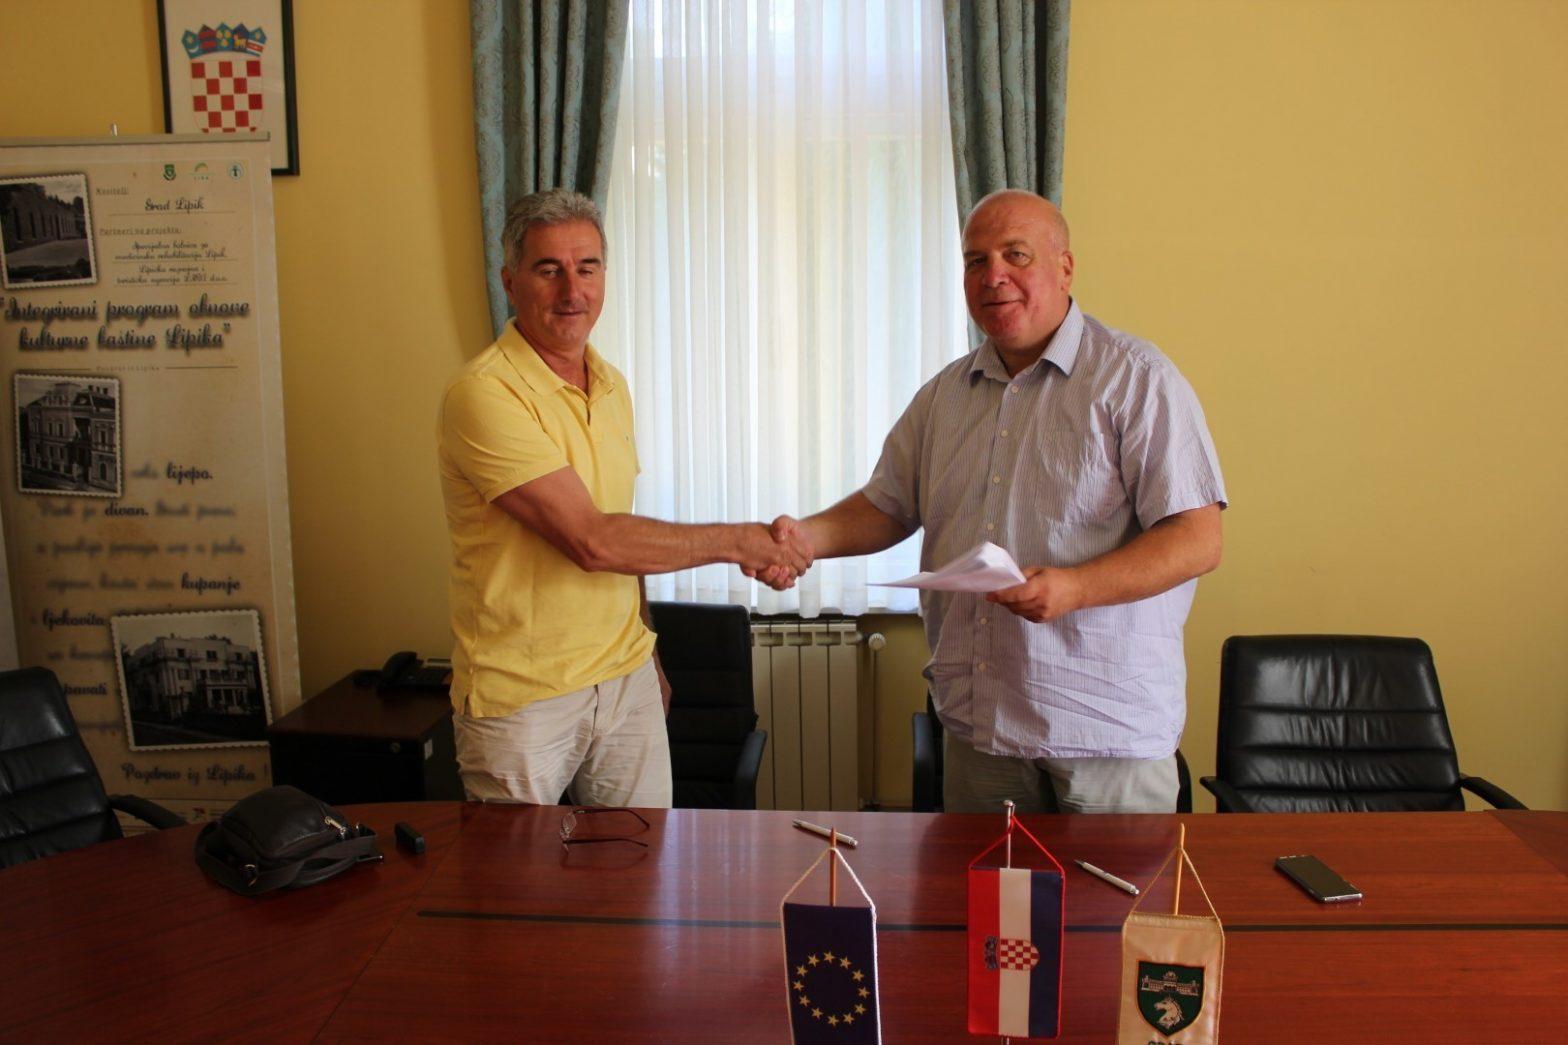 Potpisan ugovor o energetskoj obnovi zgrade Društvenog doma u Poljani